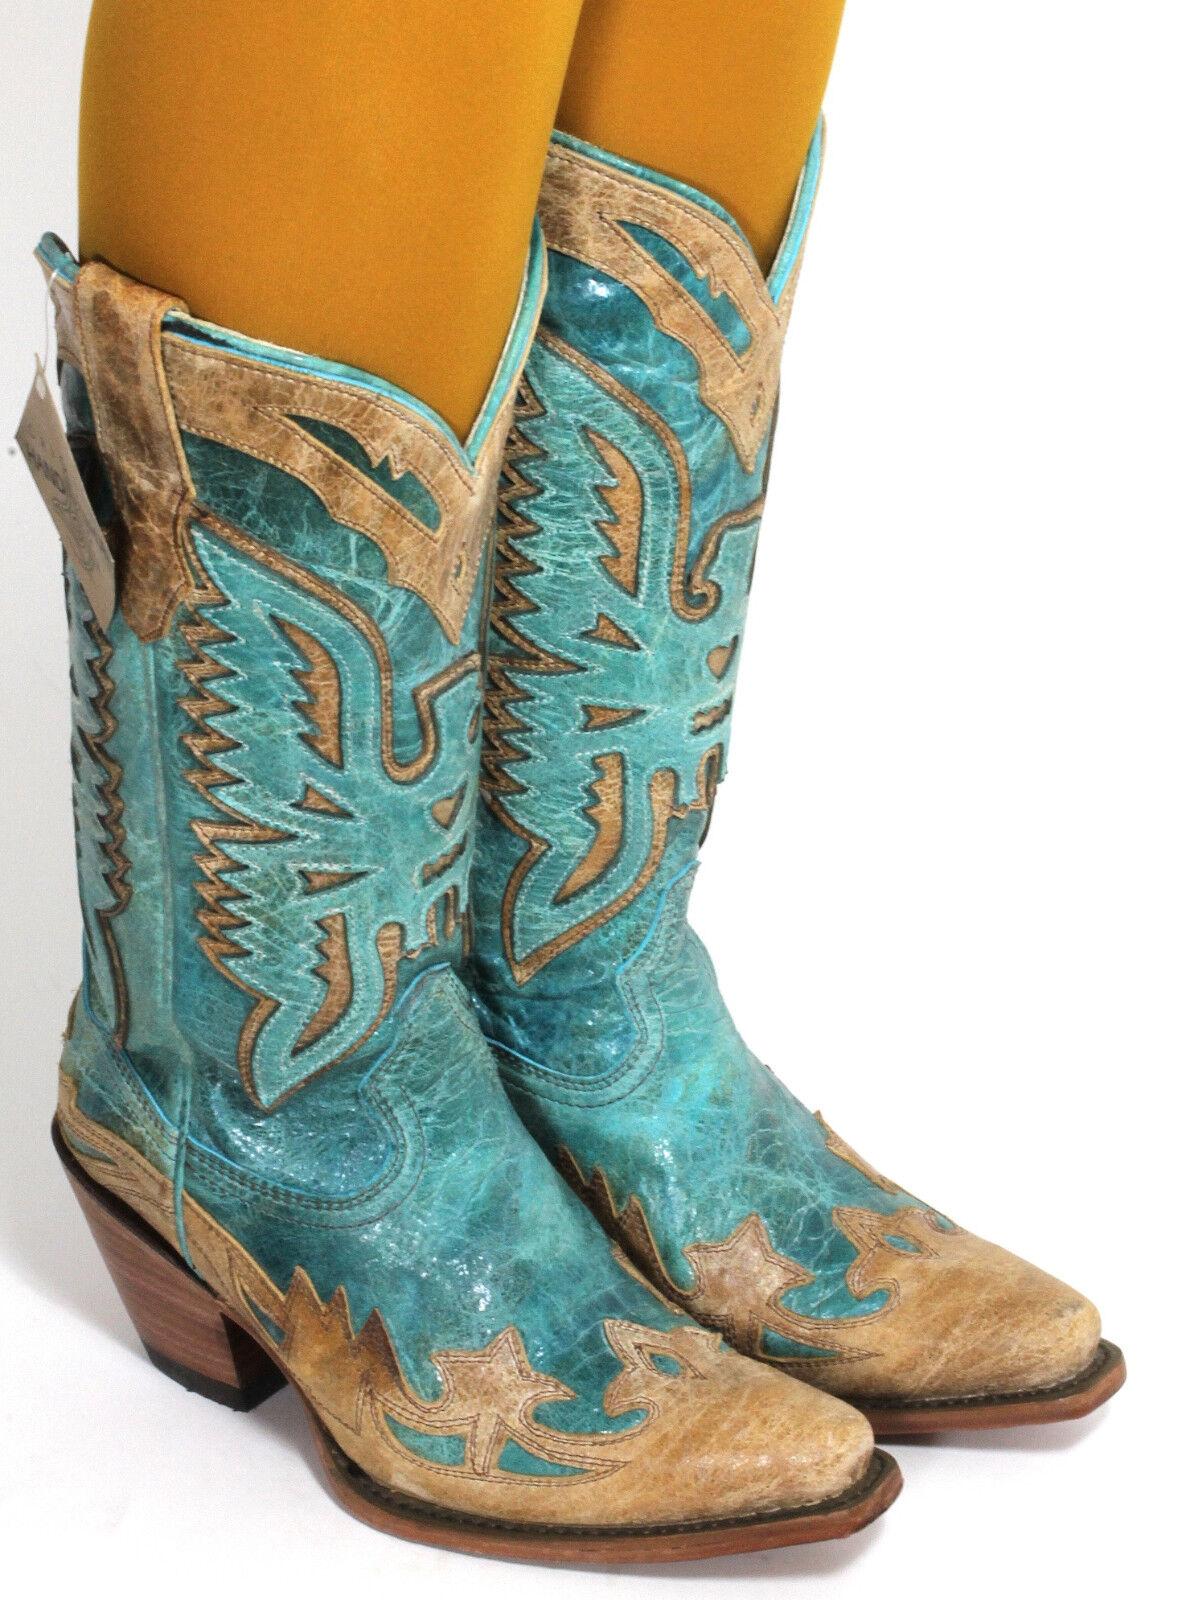 14 Cowboystiefel Westernstiefel Texas Rudel Catalan Style Stiefel Fashion 37